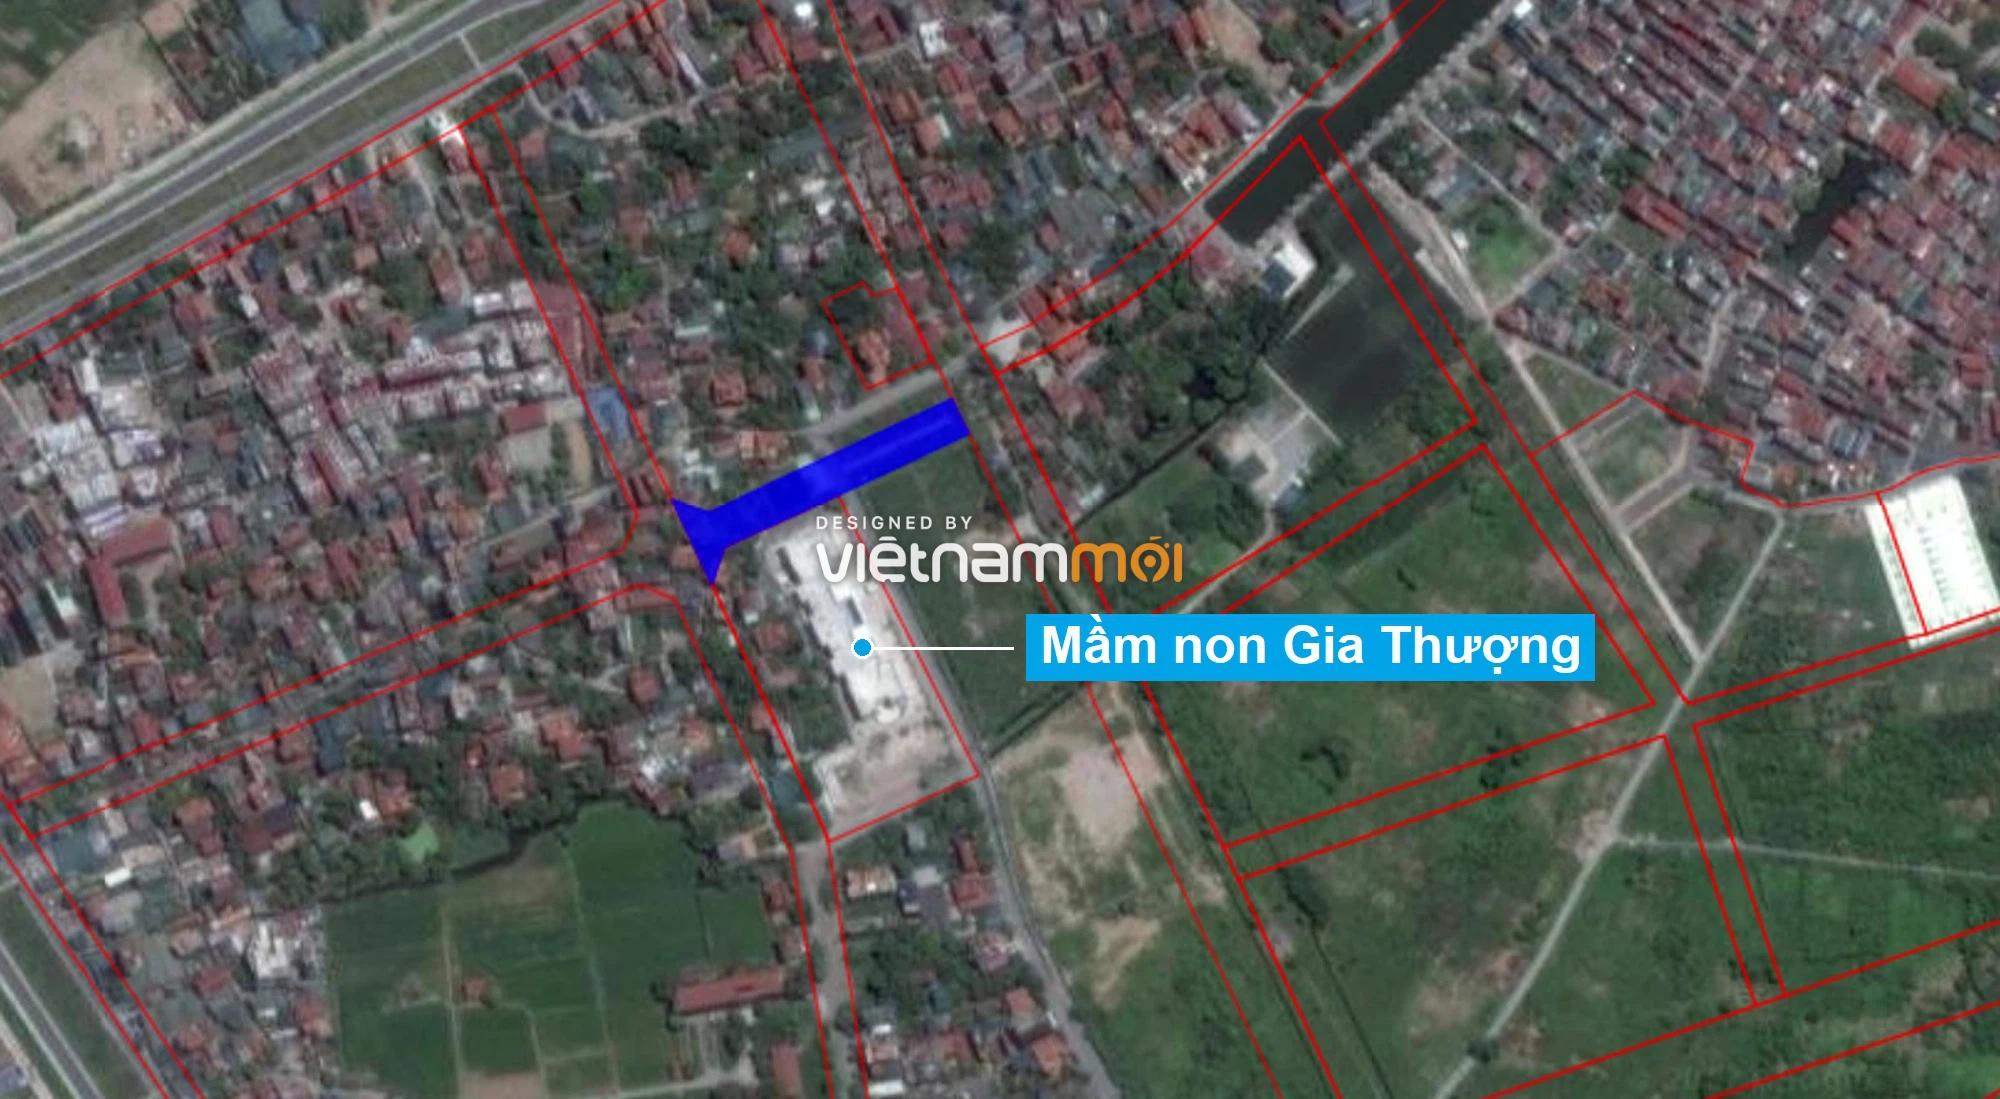 Những khu đất sắp thu hồi để mở đường ở phường Ngọc Thụy, Long Biên, Hà Nội (phần 2) - Ảnh 14.